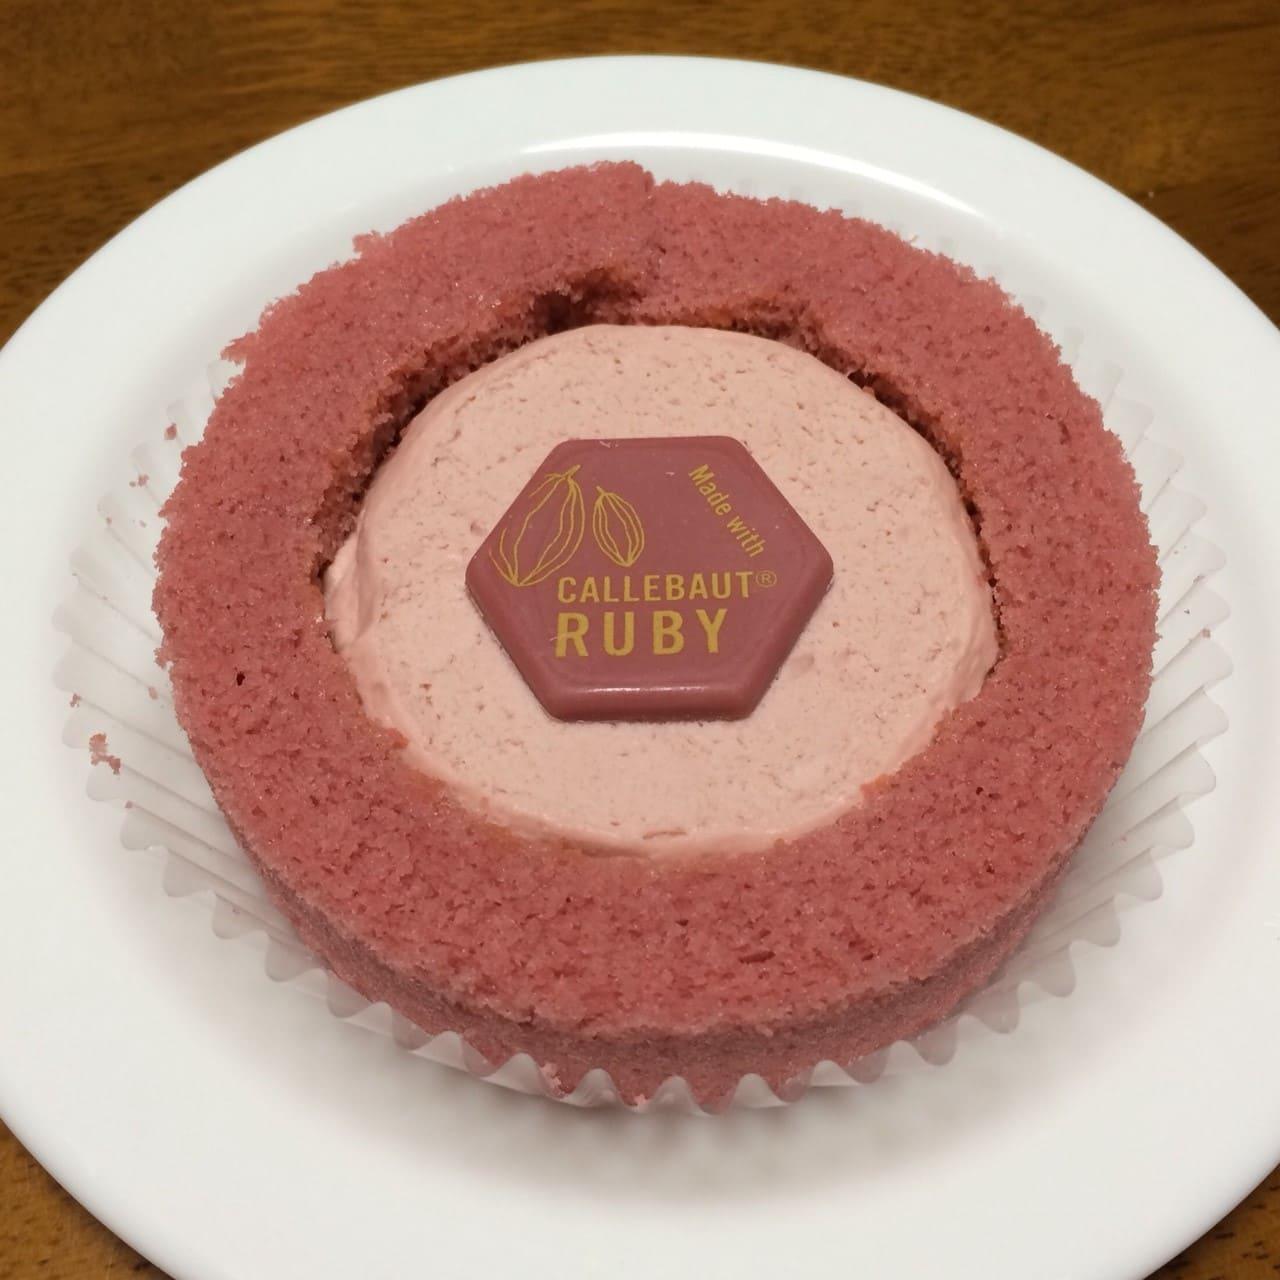 プレミアムルビーチョコレートのロールケーキ